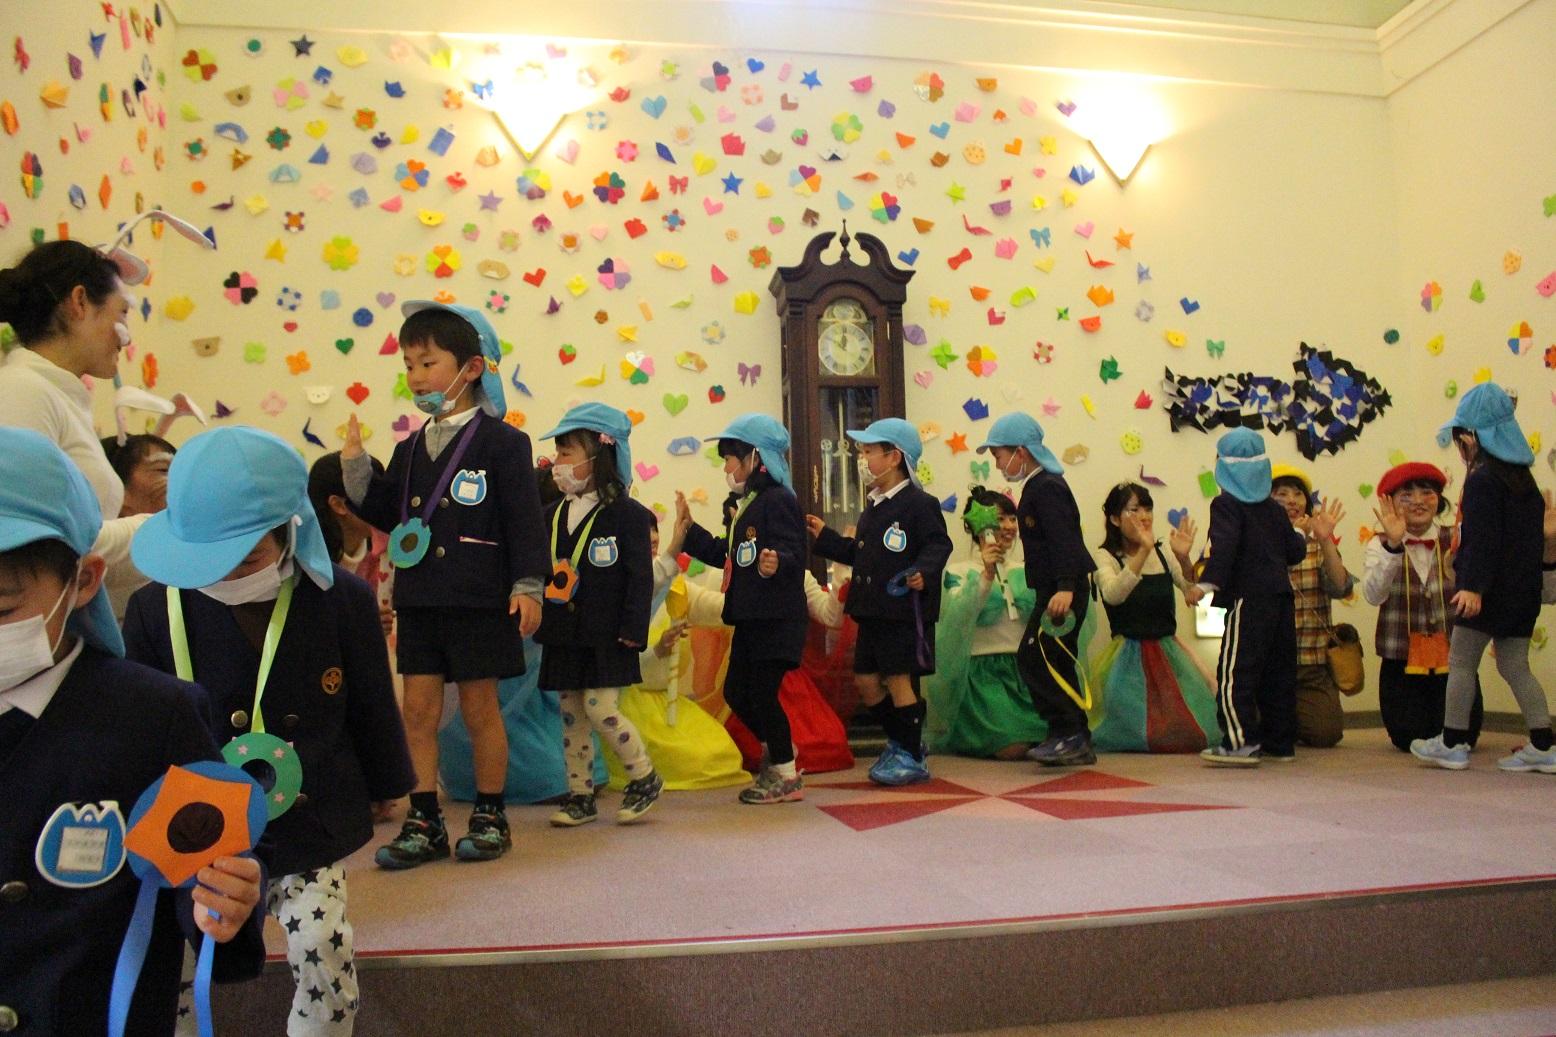 幼児教育祭のリハーサルを観に行ったよ!:画像4